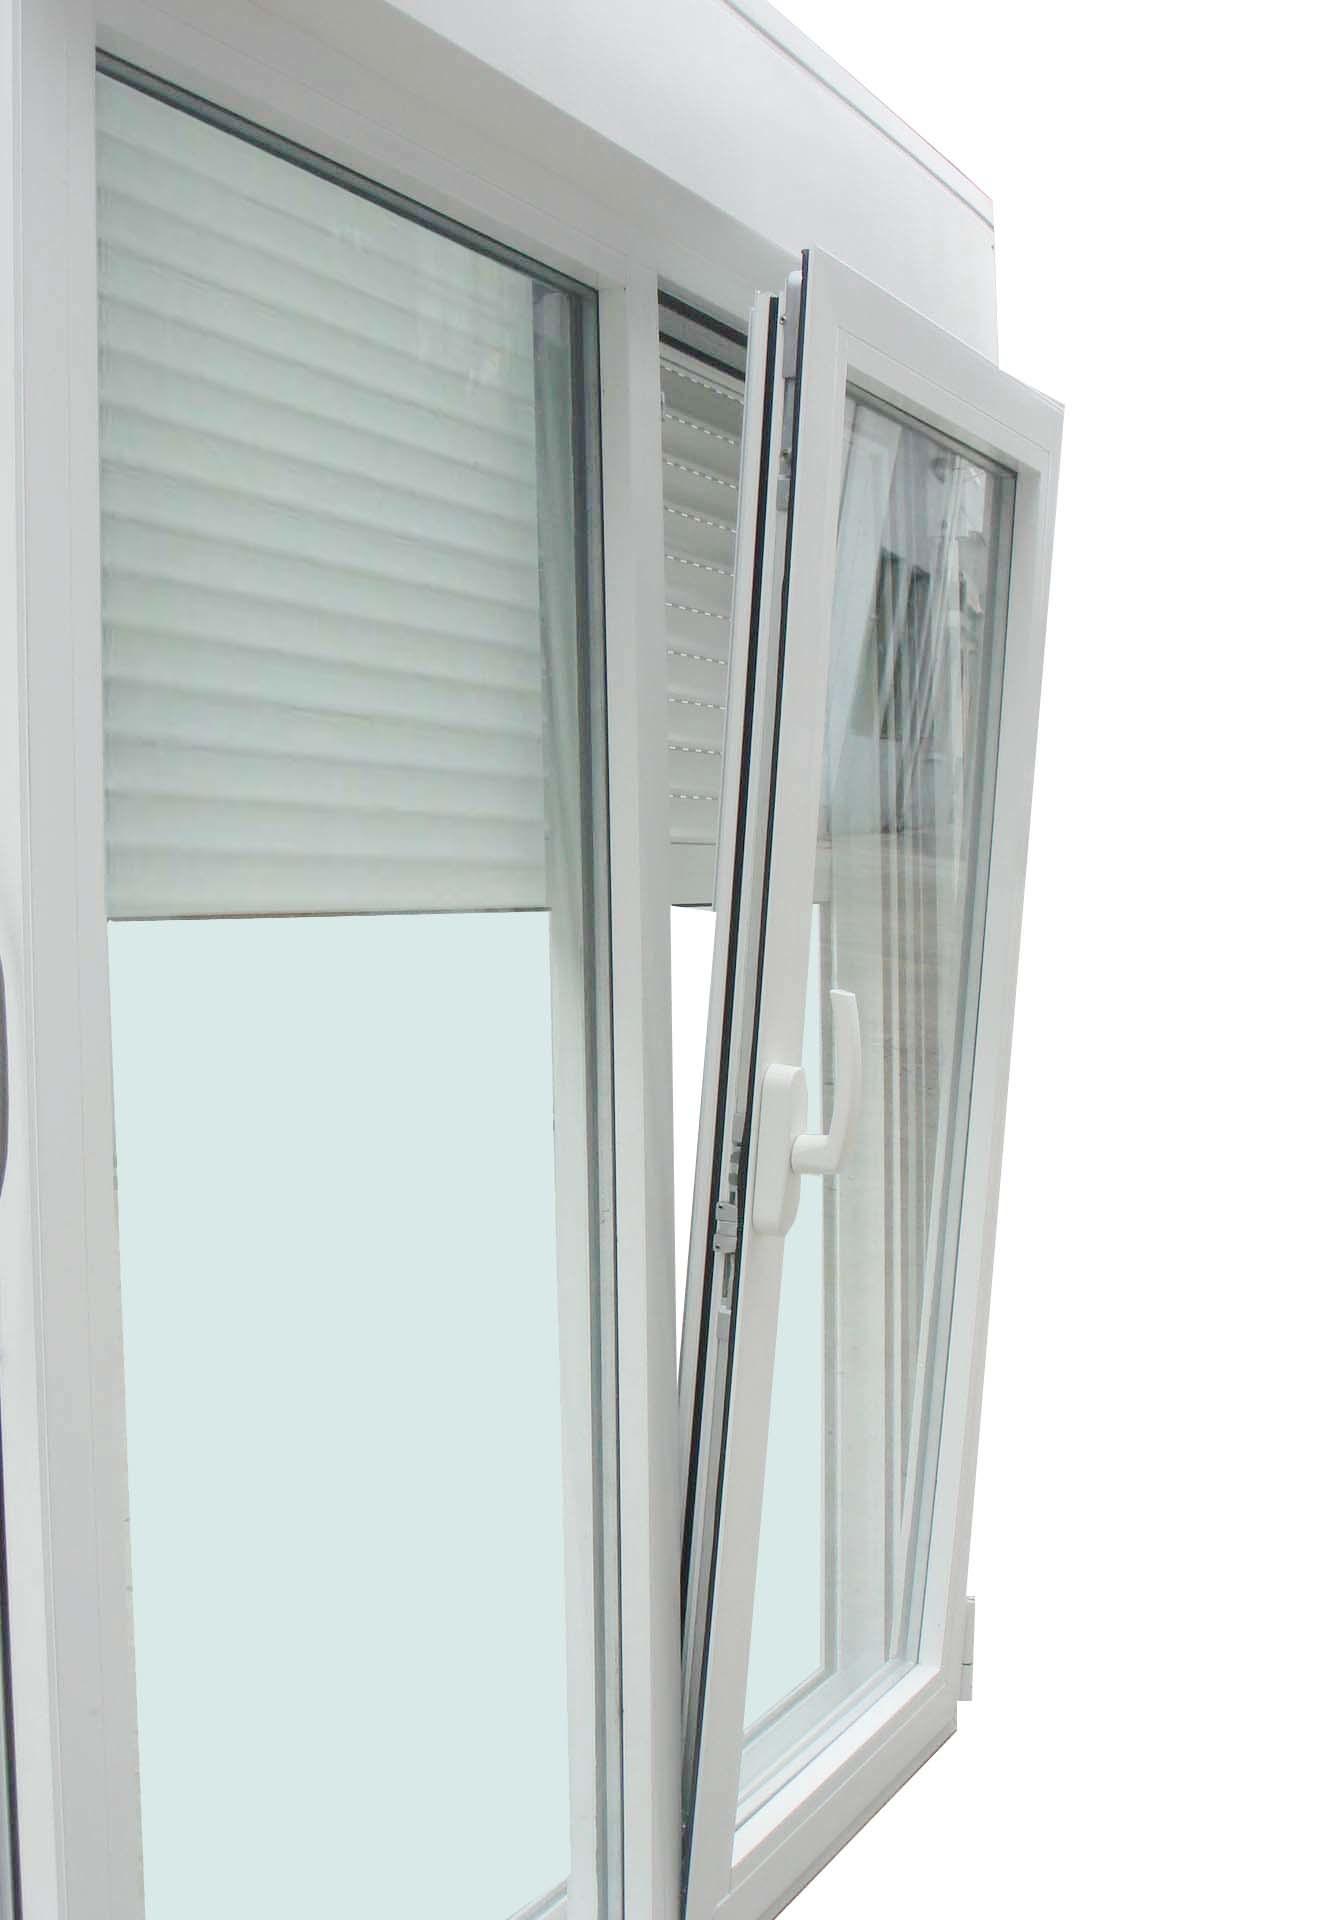 Alminium Monoblock Window, Aluminium Window, Roller Shutter, Mosquito